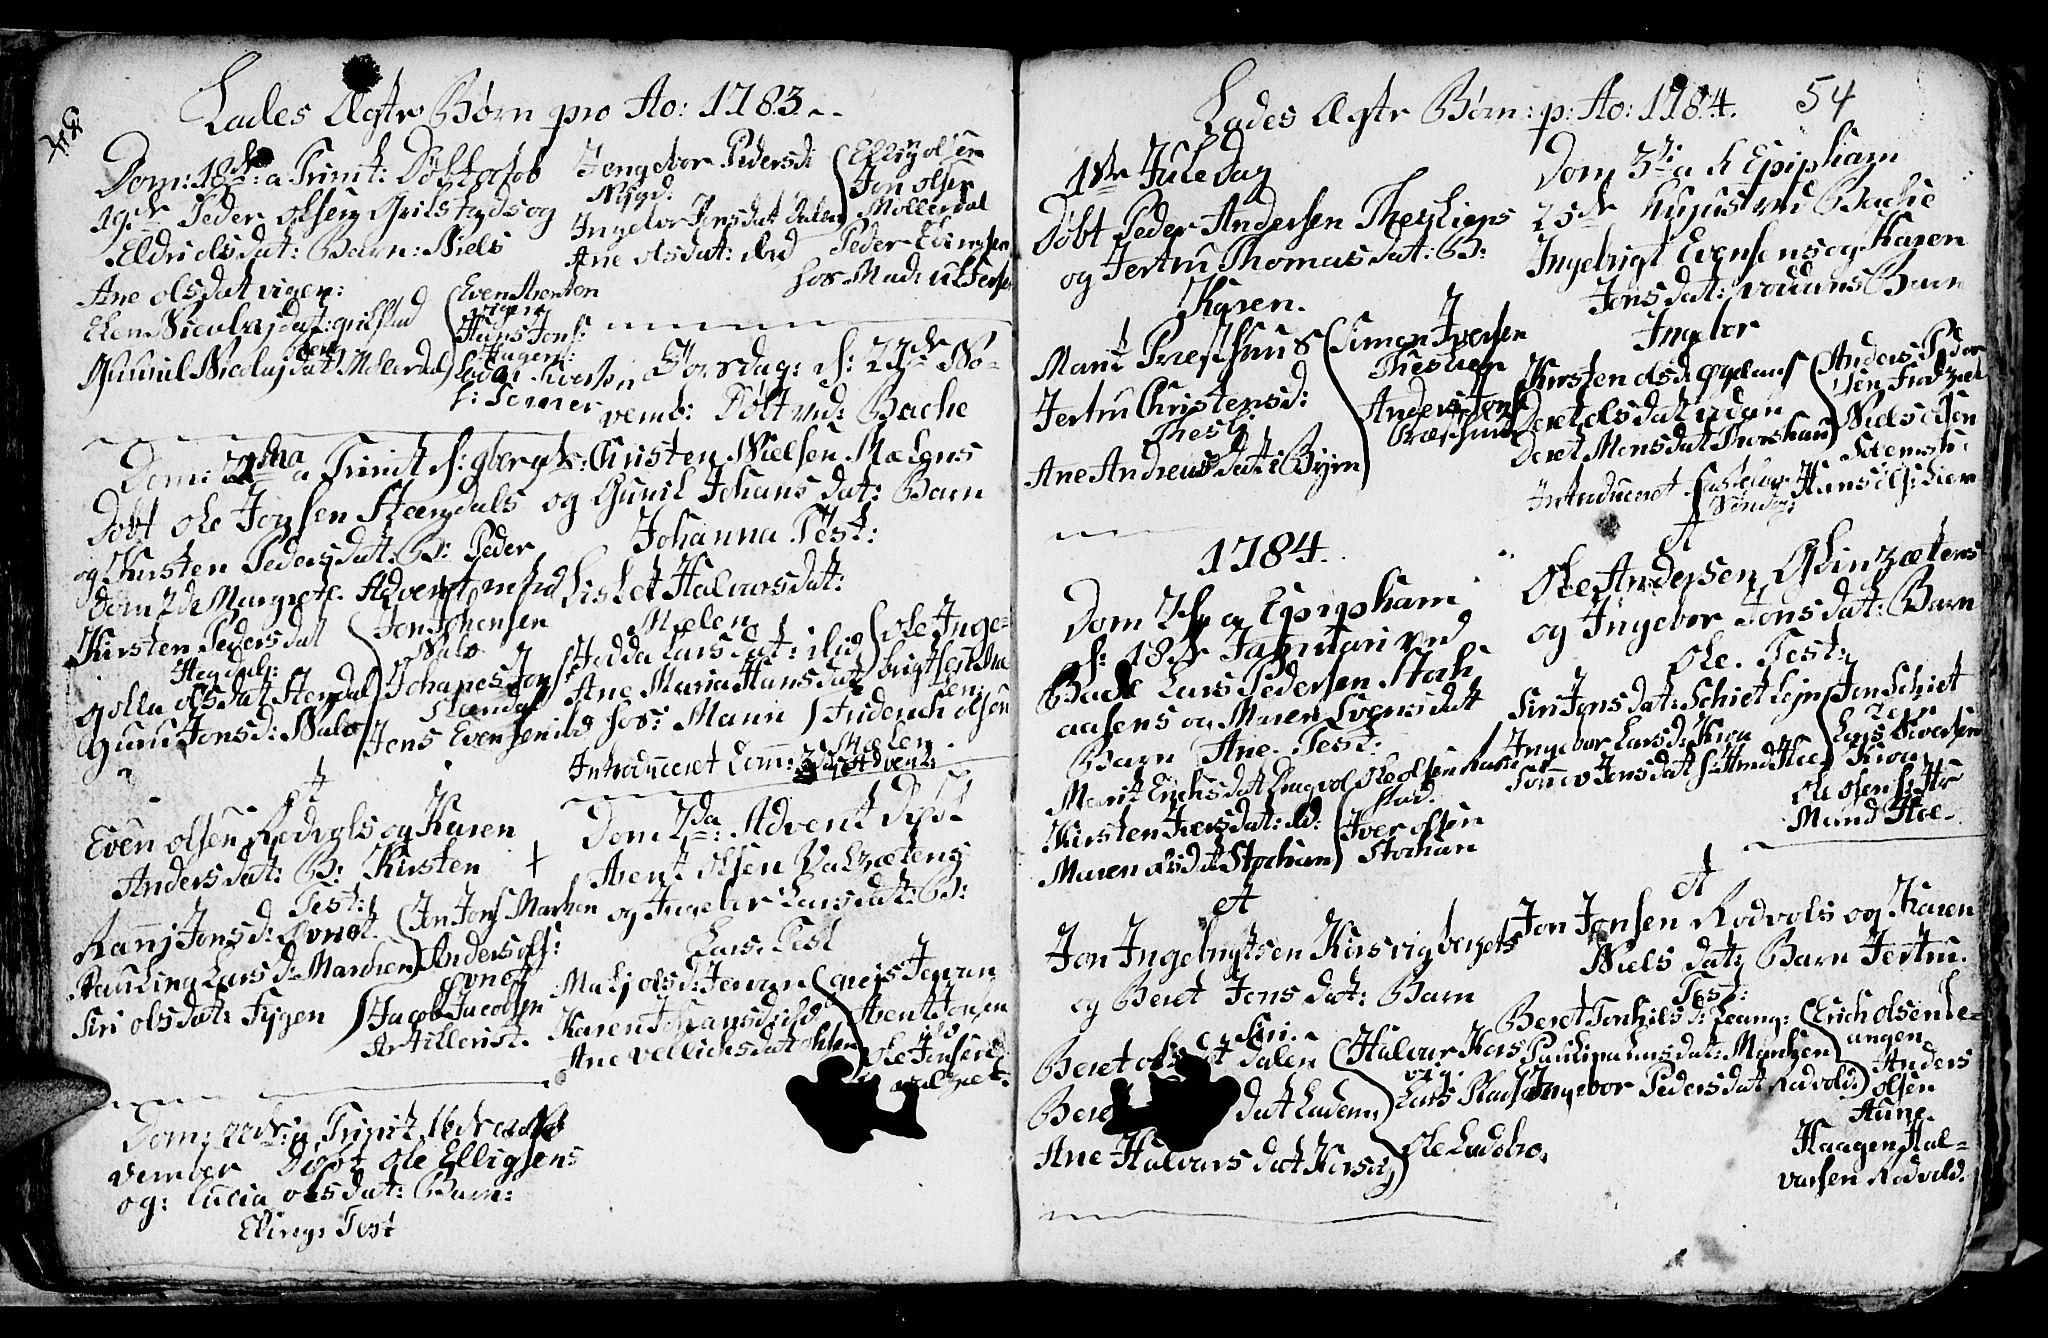 SAT, Ministerialprotokoller, klokkerbøker og fødselsregistre - Sør-Trøndelag, 606/L0305: Klokkerbok nr. 606C01, 1757-1819, s. 54